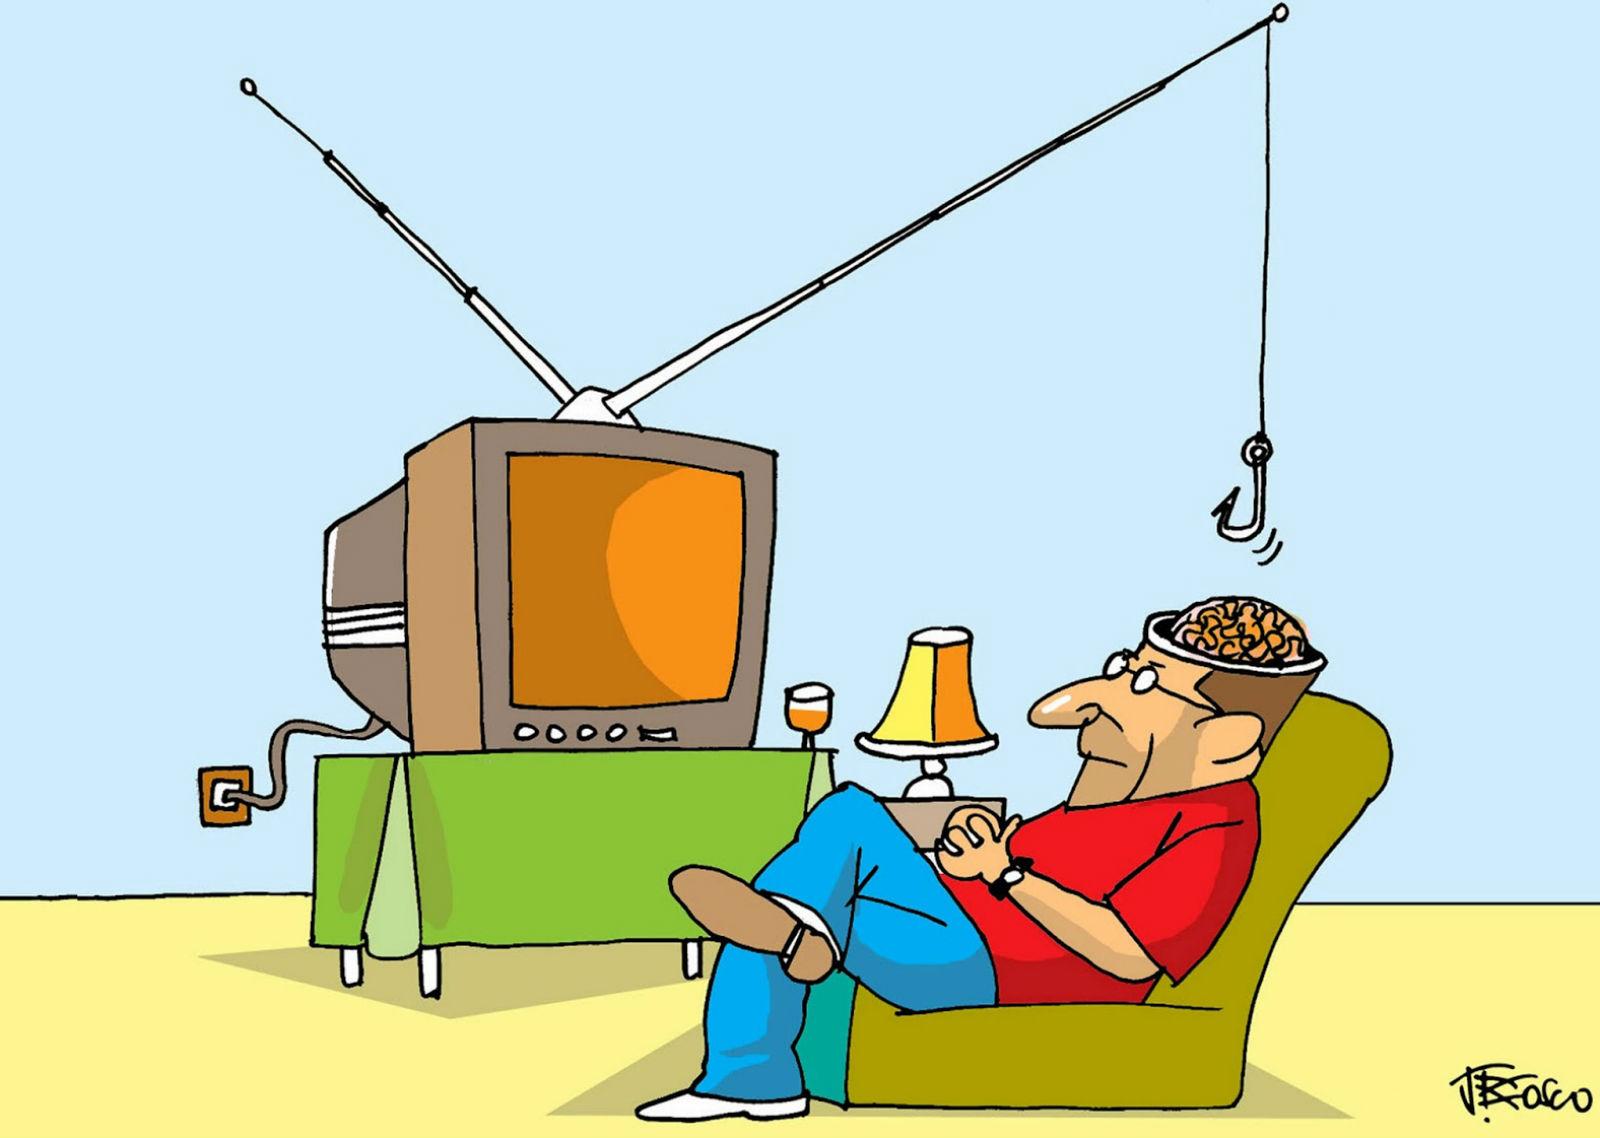 televisão1